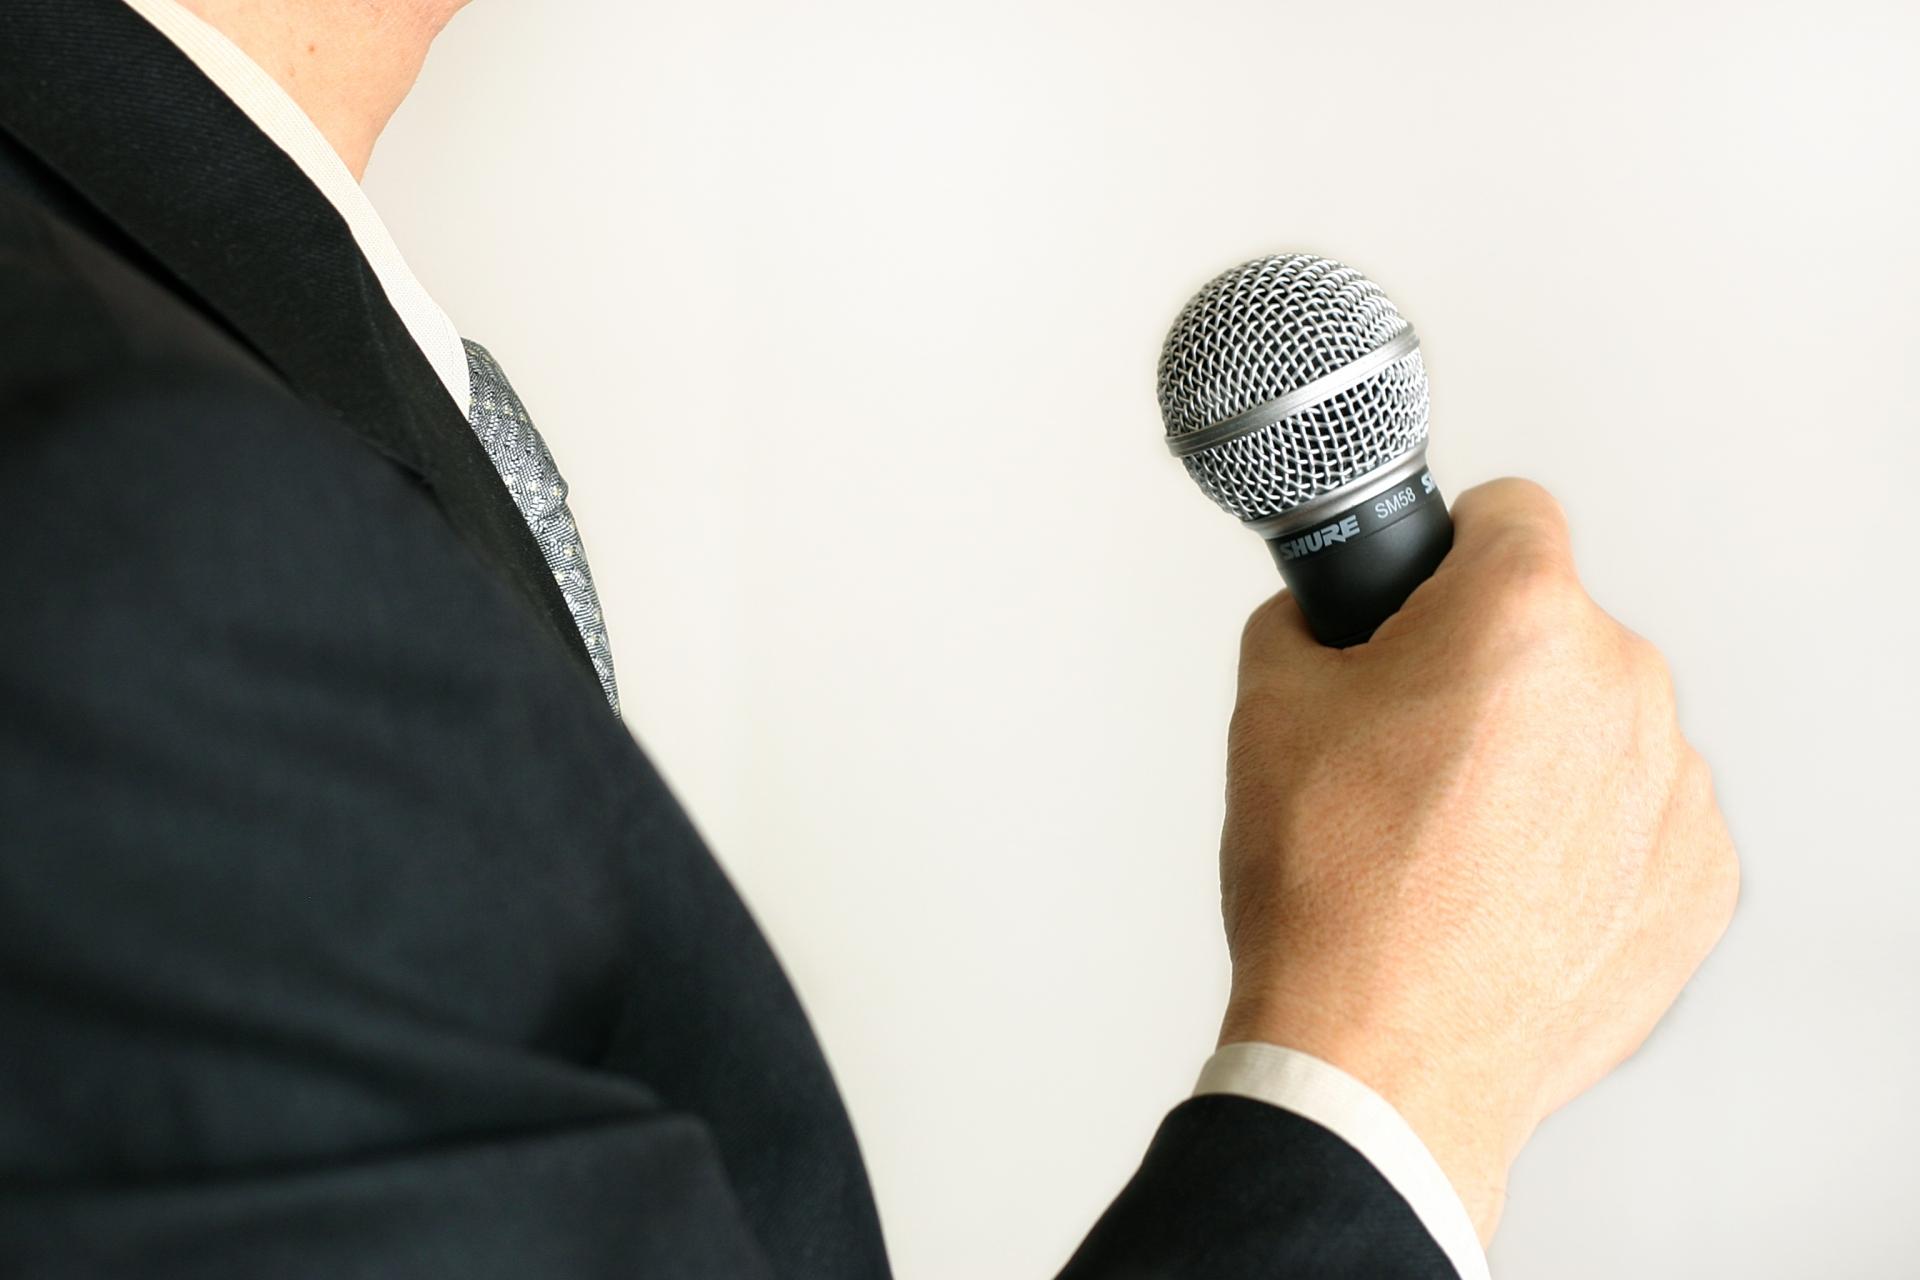 人前で話すのが不安で震えるのはなぜ?緊張をほぐして上手く話す方法